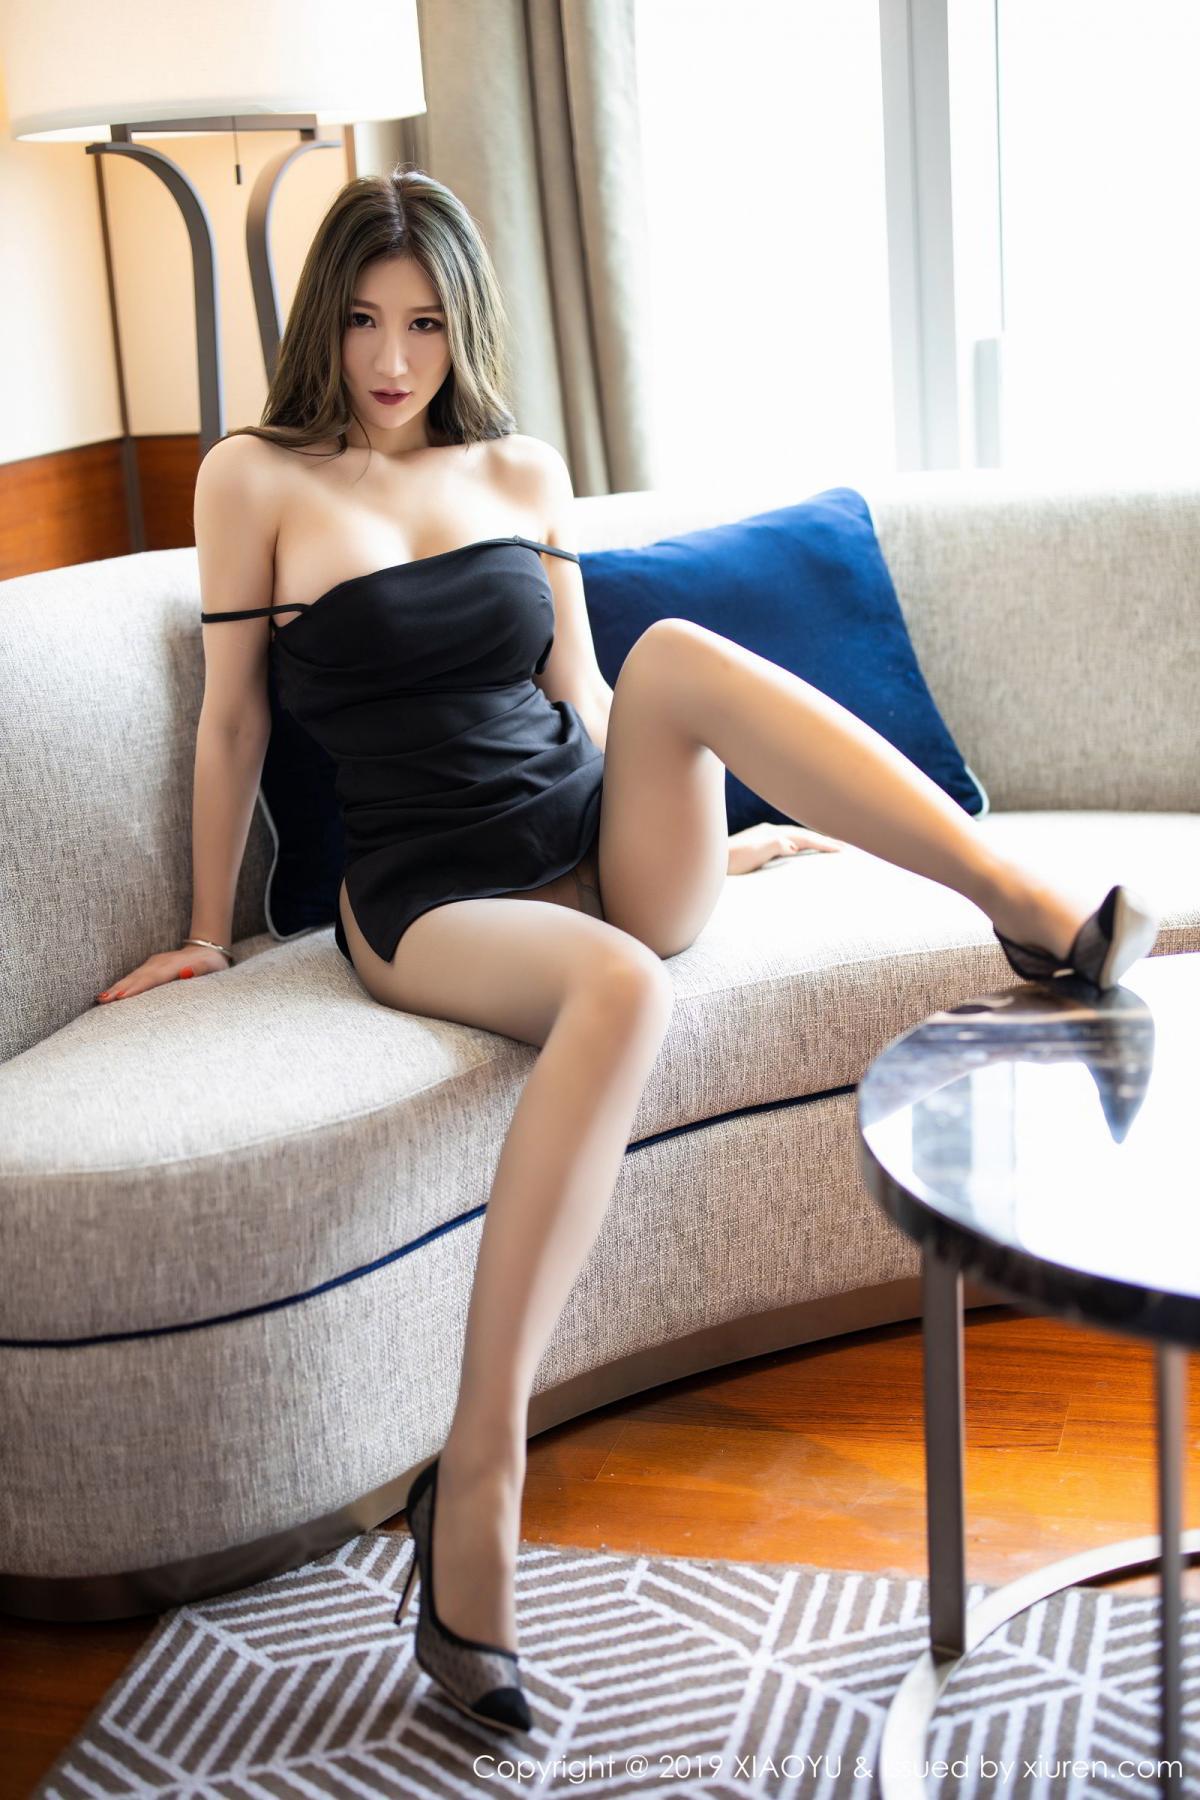 [XiaoYu] Vol.171 Xuan Zi 15P, Black Silk, Tall, XiaoYu, Xuan Zi